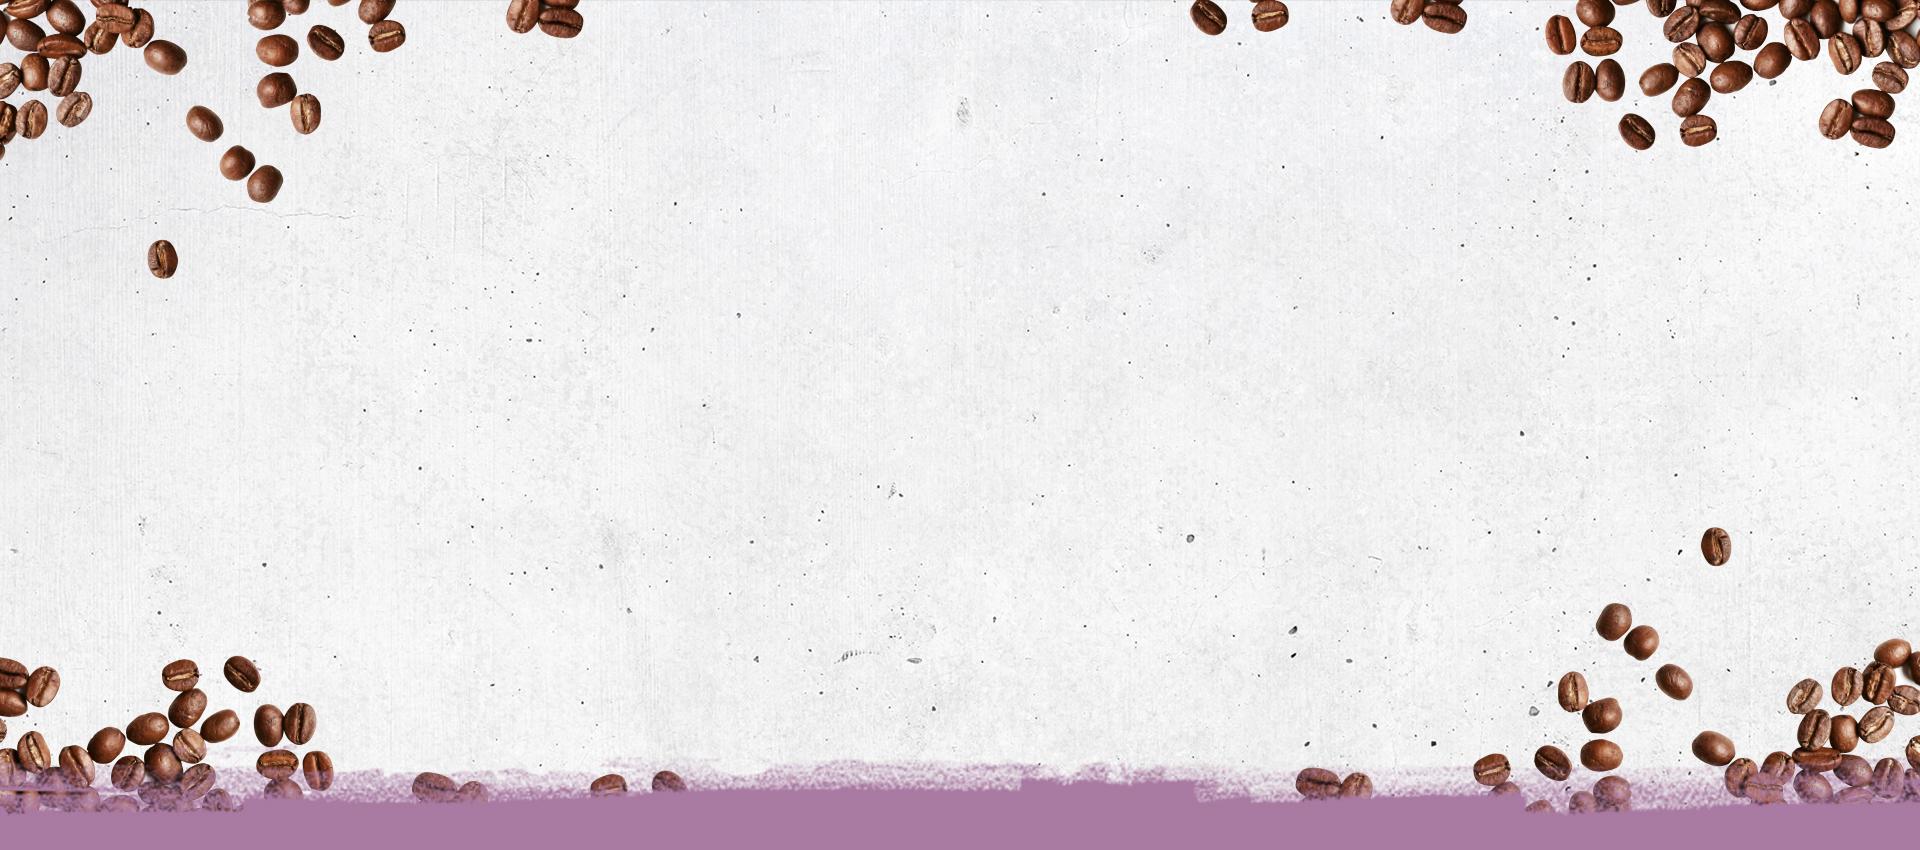 Coffeeboxx Hintergrund Beton mit Kaffeebohnen